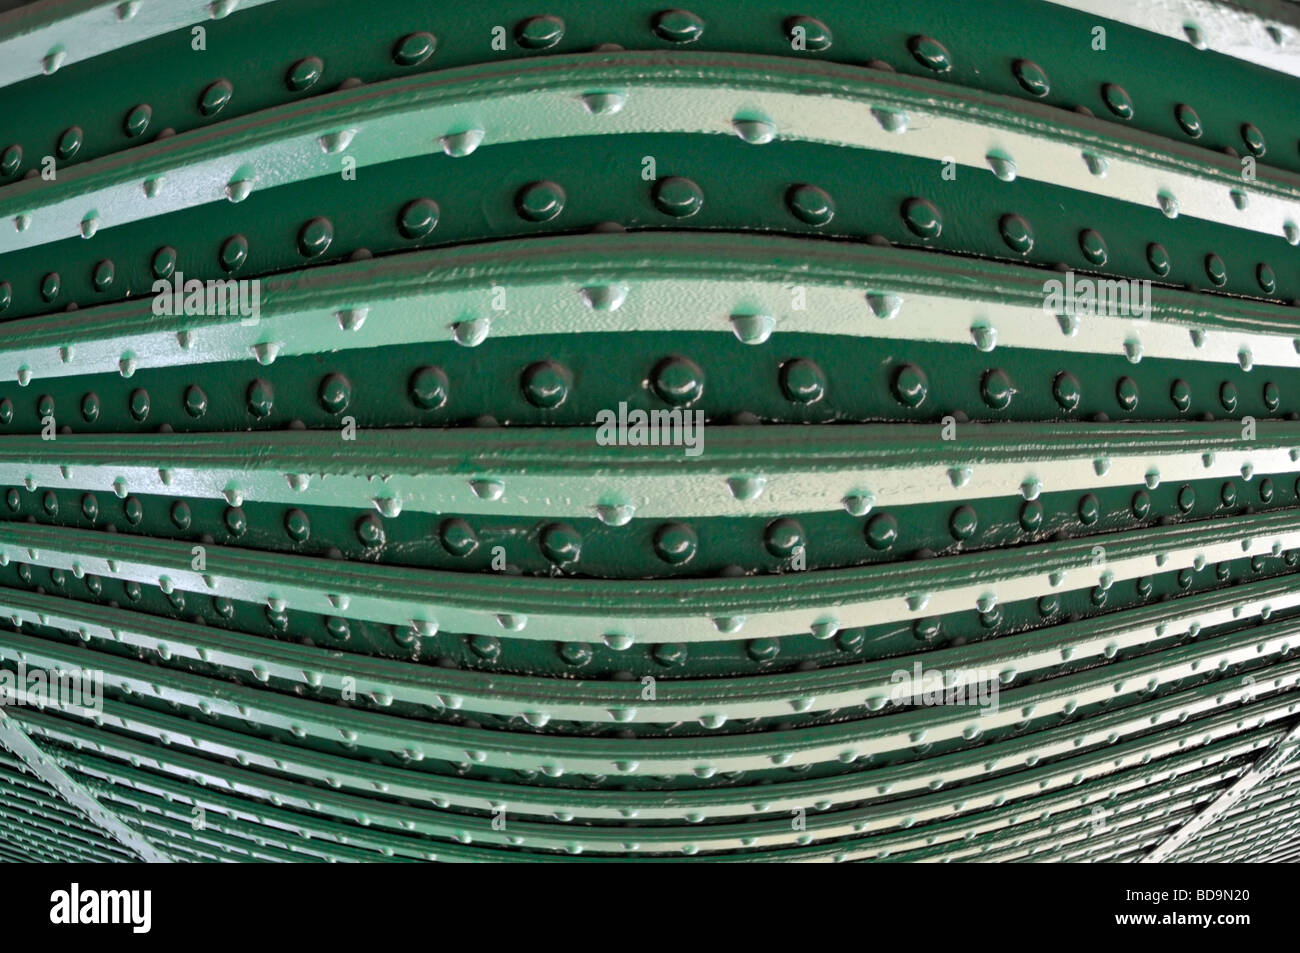 Nieten in Stahlträger an Unterseite der Eisenbahnbrücke hautnah als Muster abstrakt Hintergrundbild manipuliert Stockbild